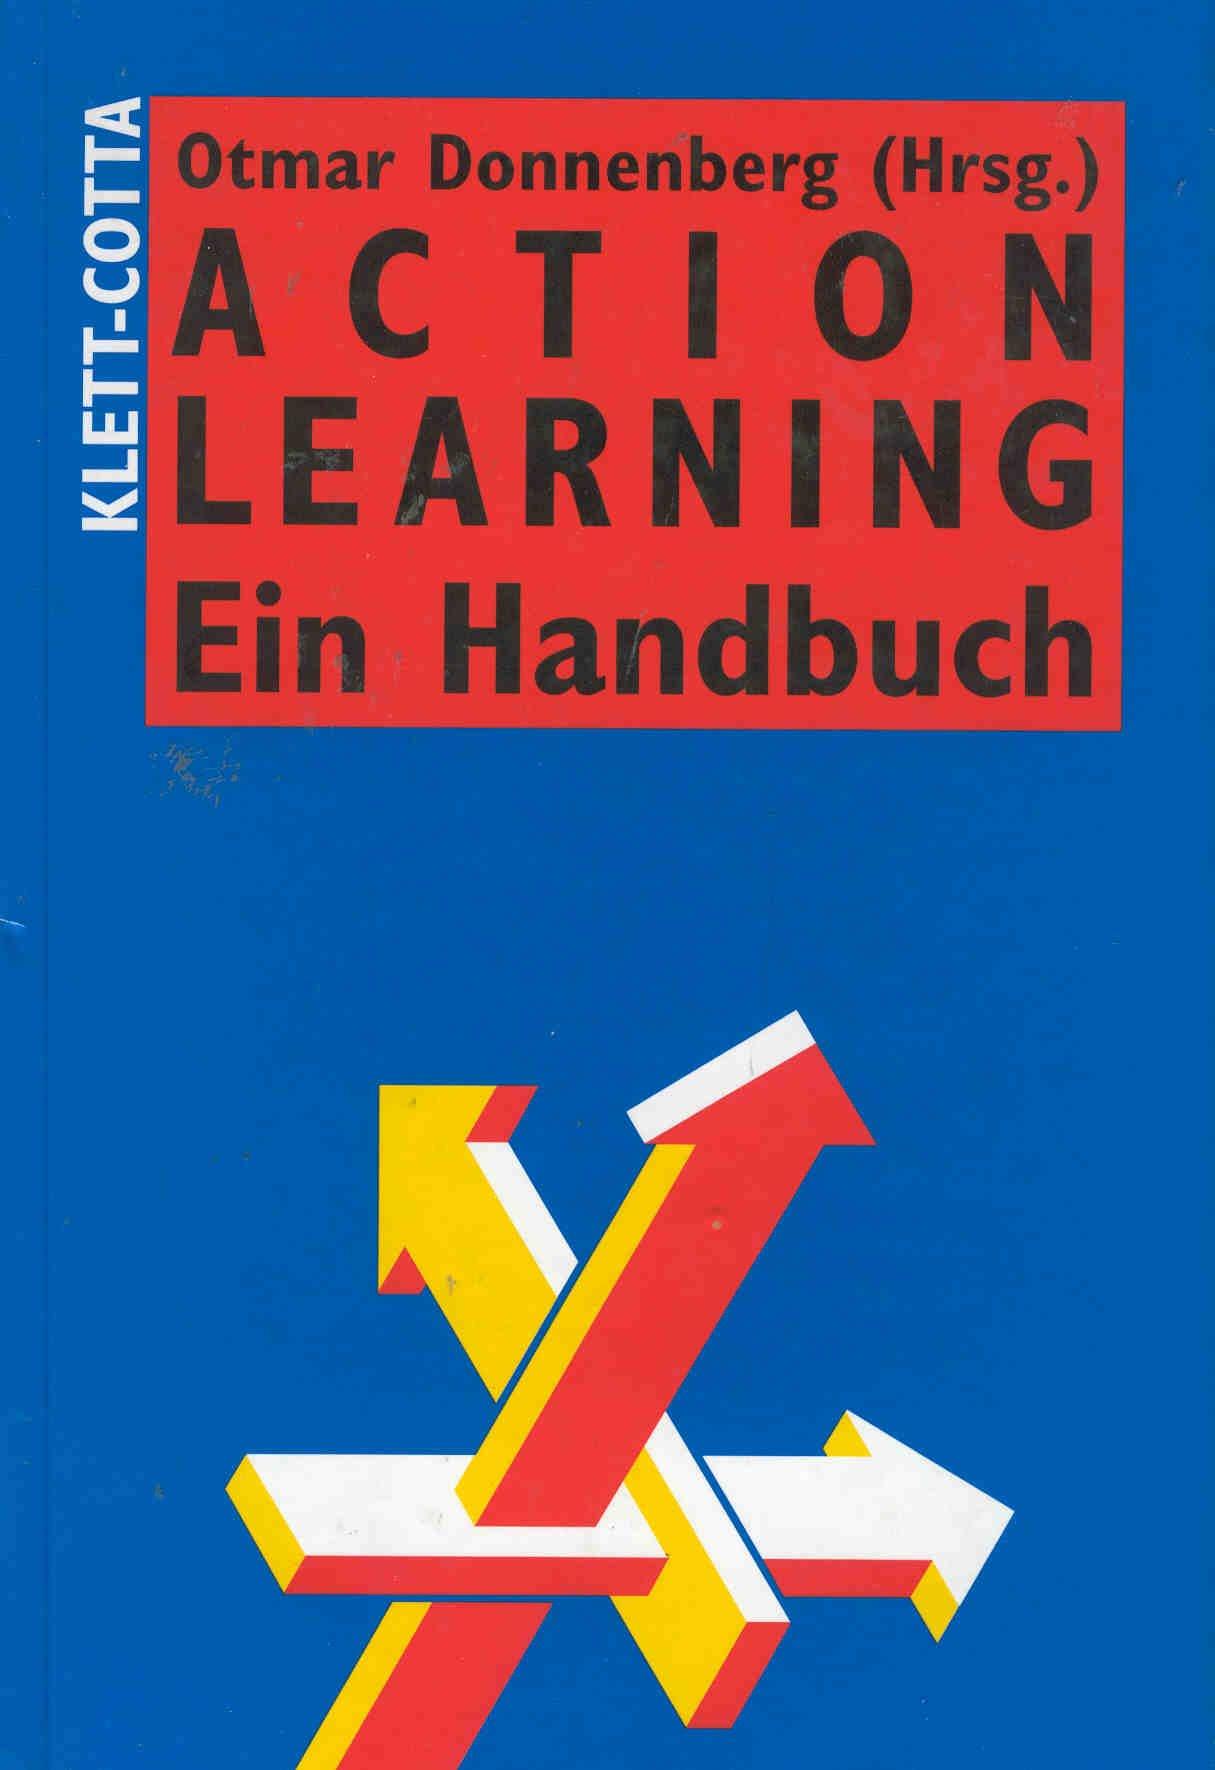 Action Learning: Ein Handbuch